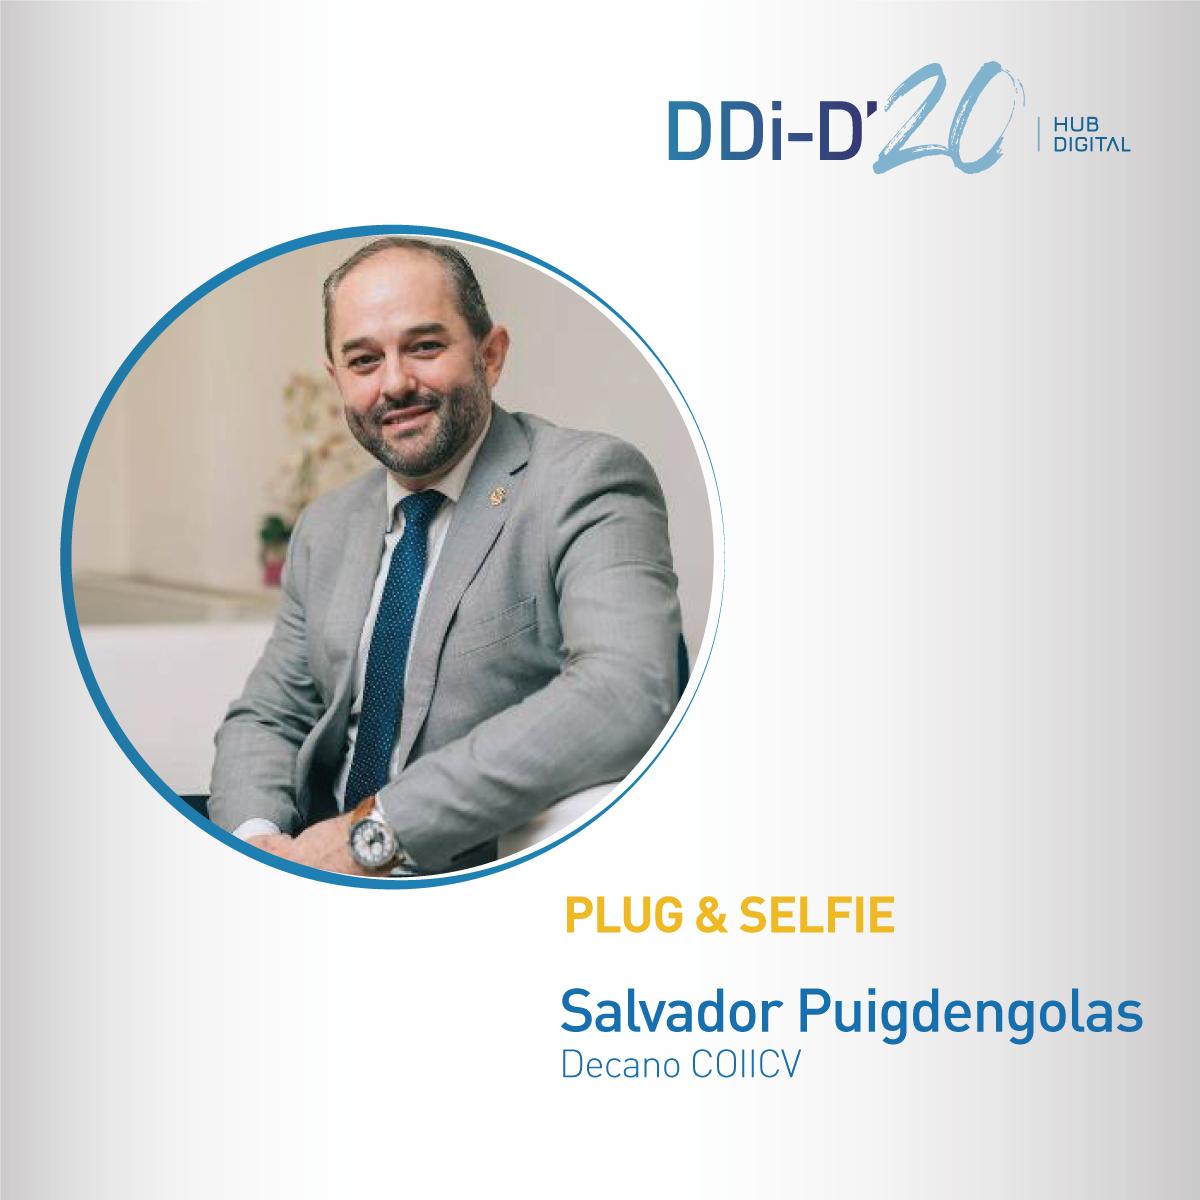 Plug & Selfie Salvador Puigdengolas